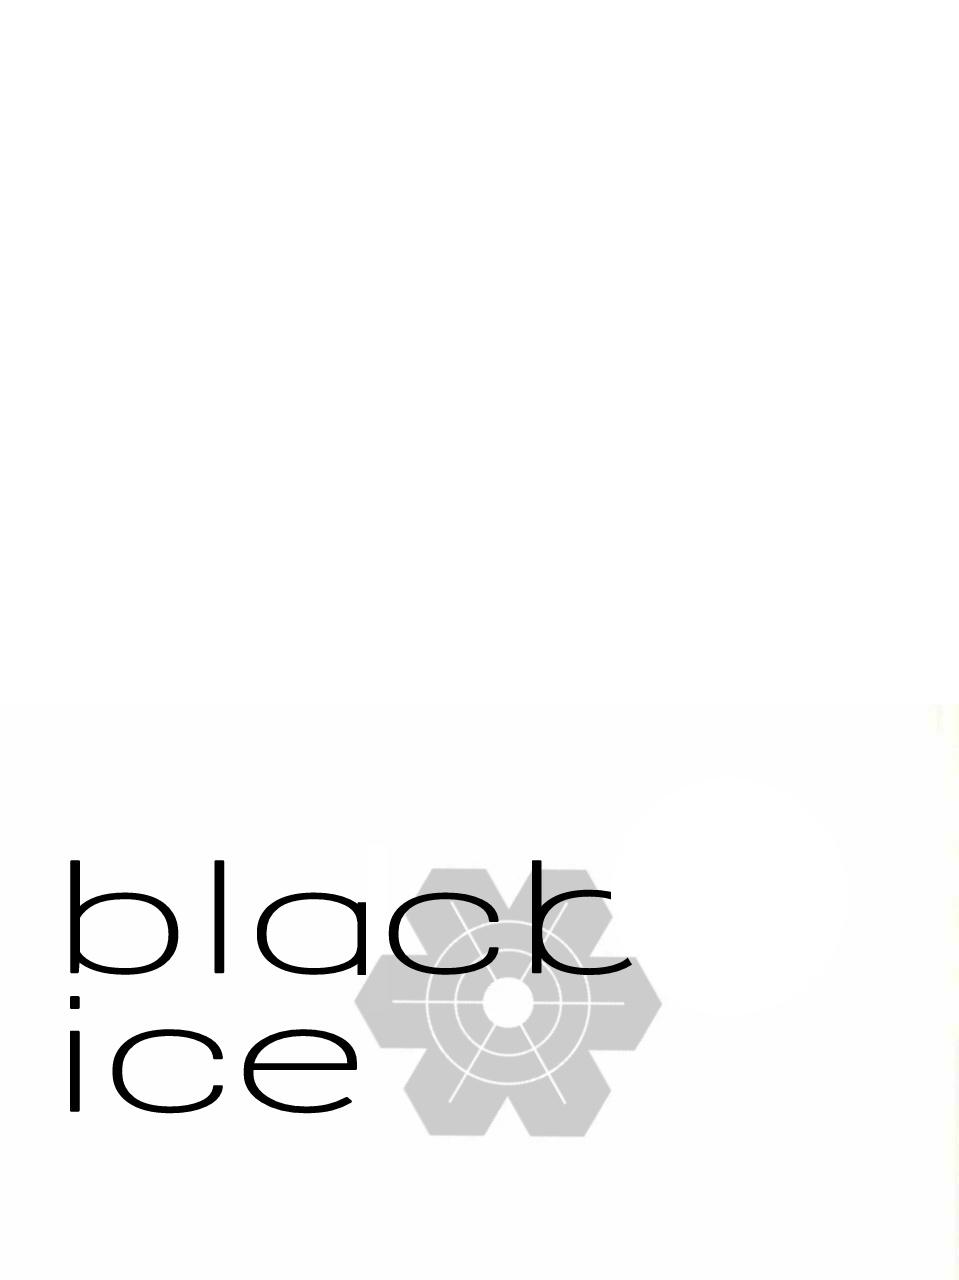 """Логотип + Фирменный стиль для компании """"BLACK ICE"""" фото f_28057128c270e2af.jpg"""